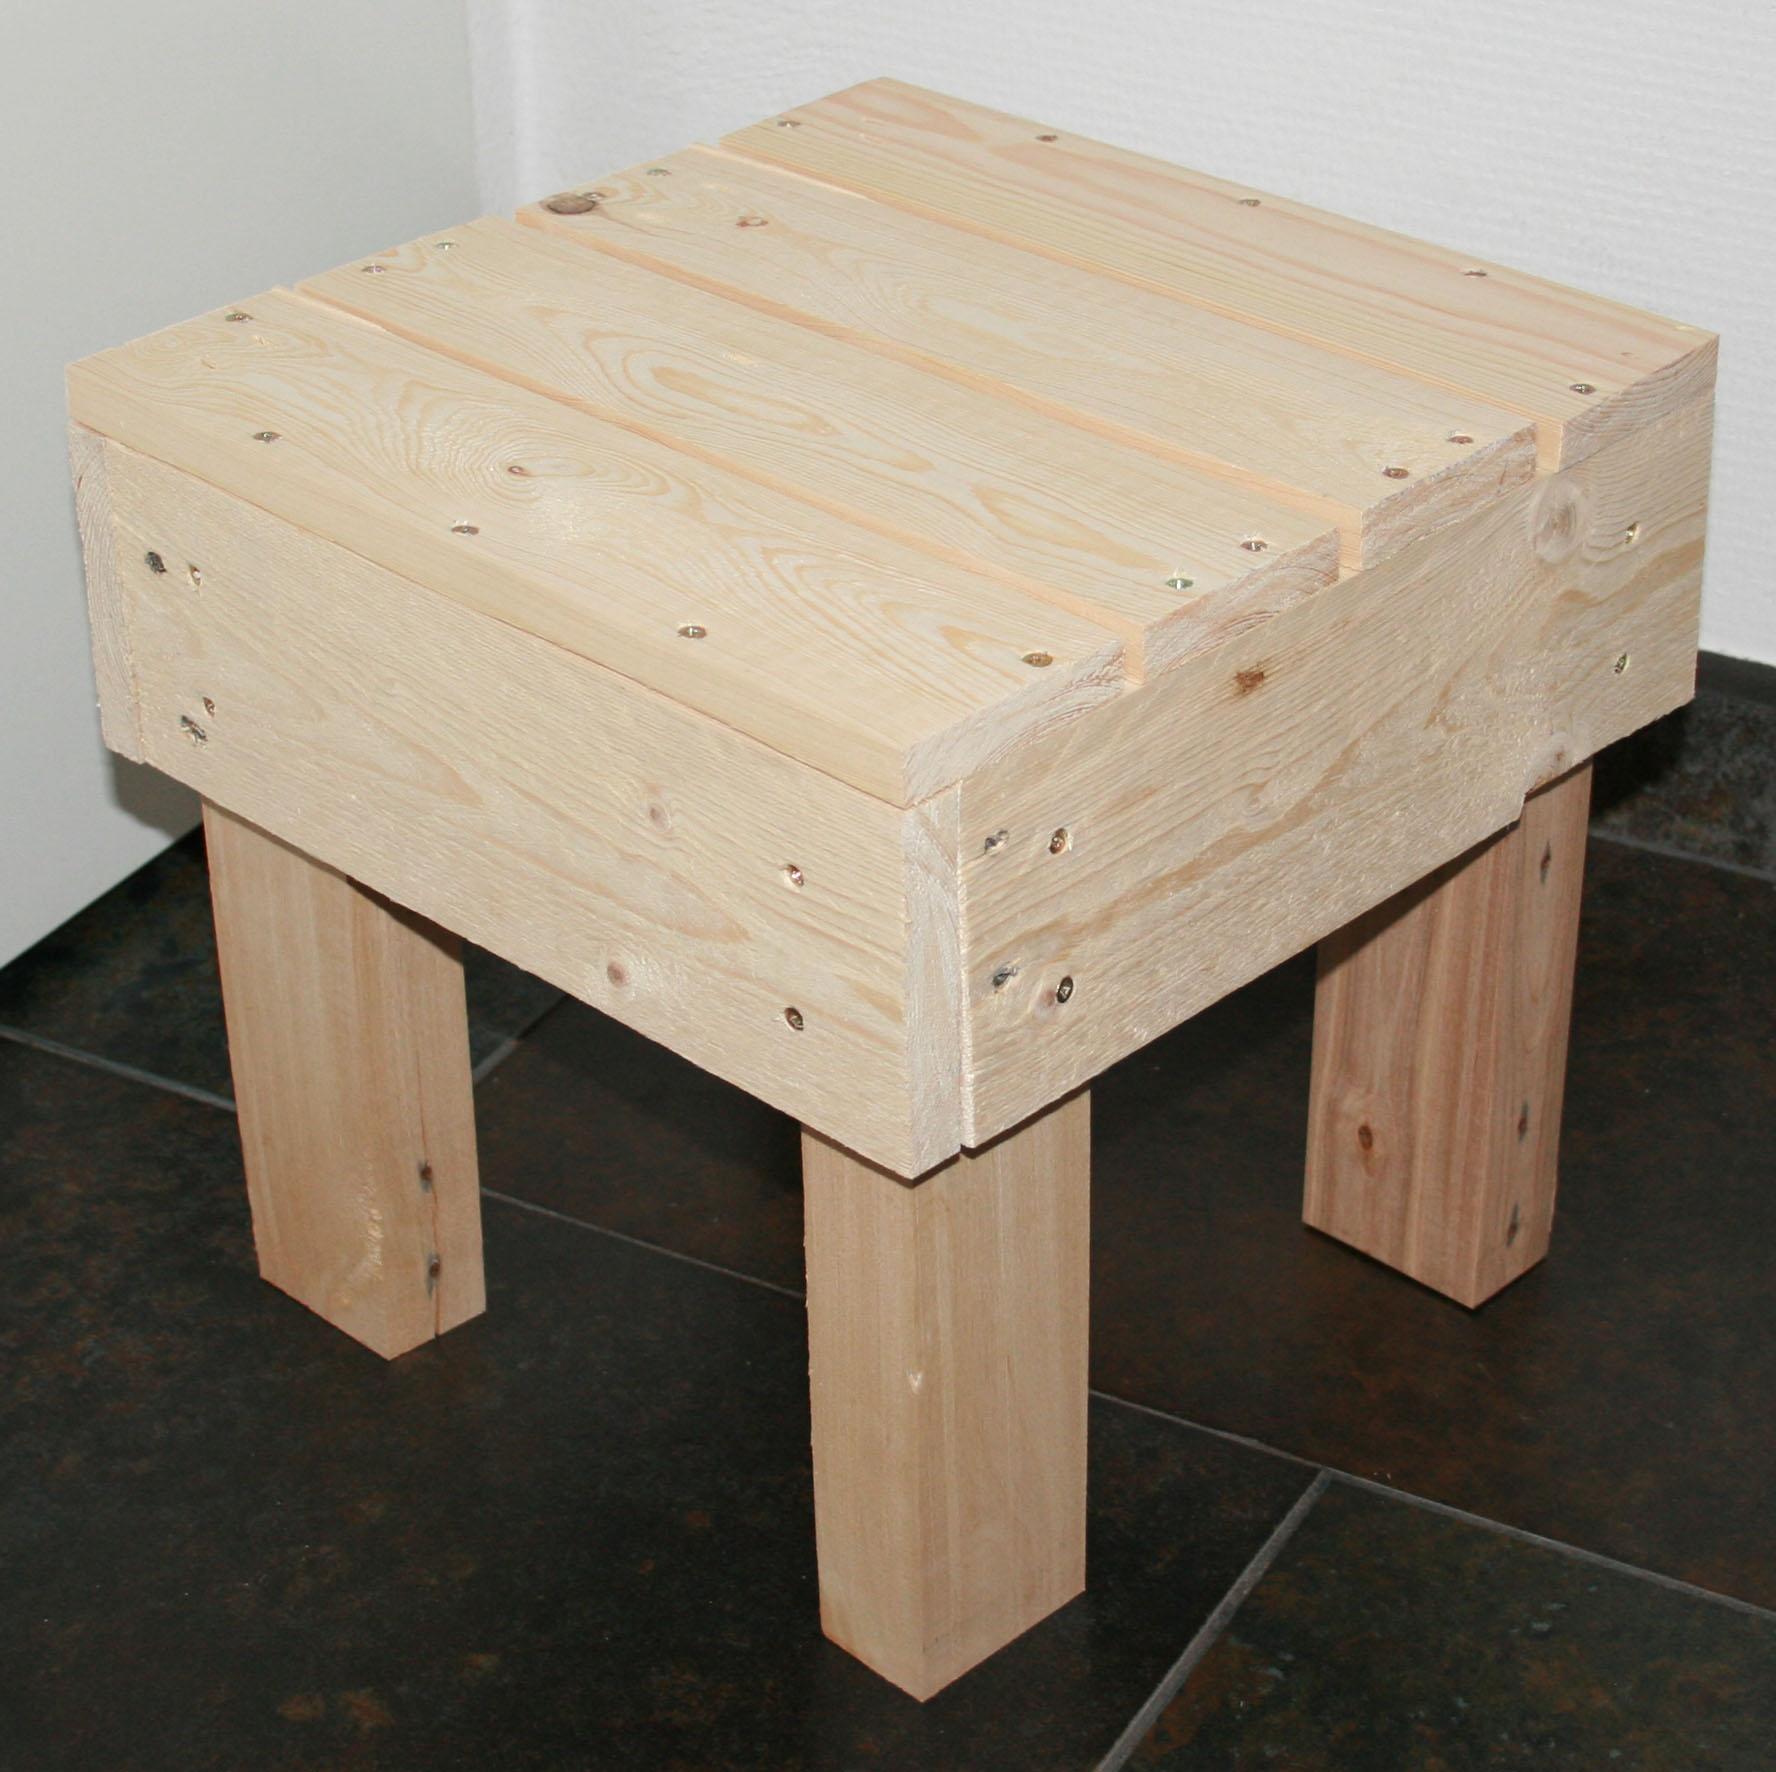 Zelf een houten tuinbank maken z maak je zelf een tuinkist de boon in de tuin tuinkast kopen - Een houten boom maken ...